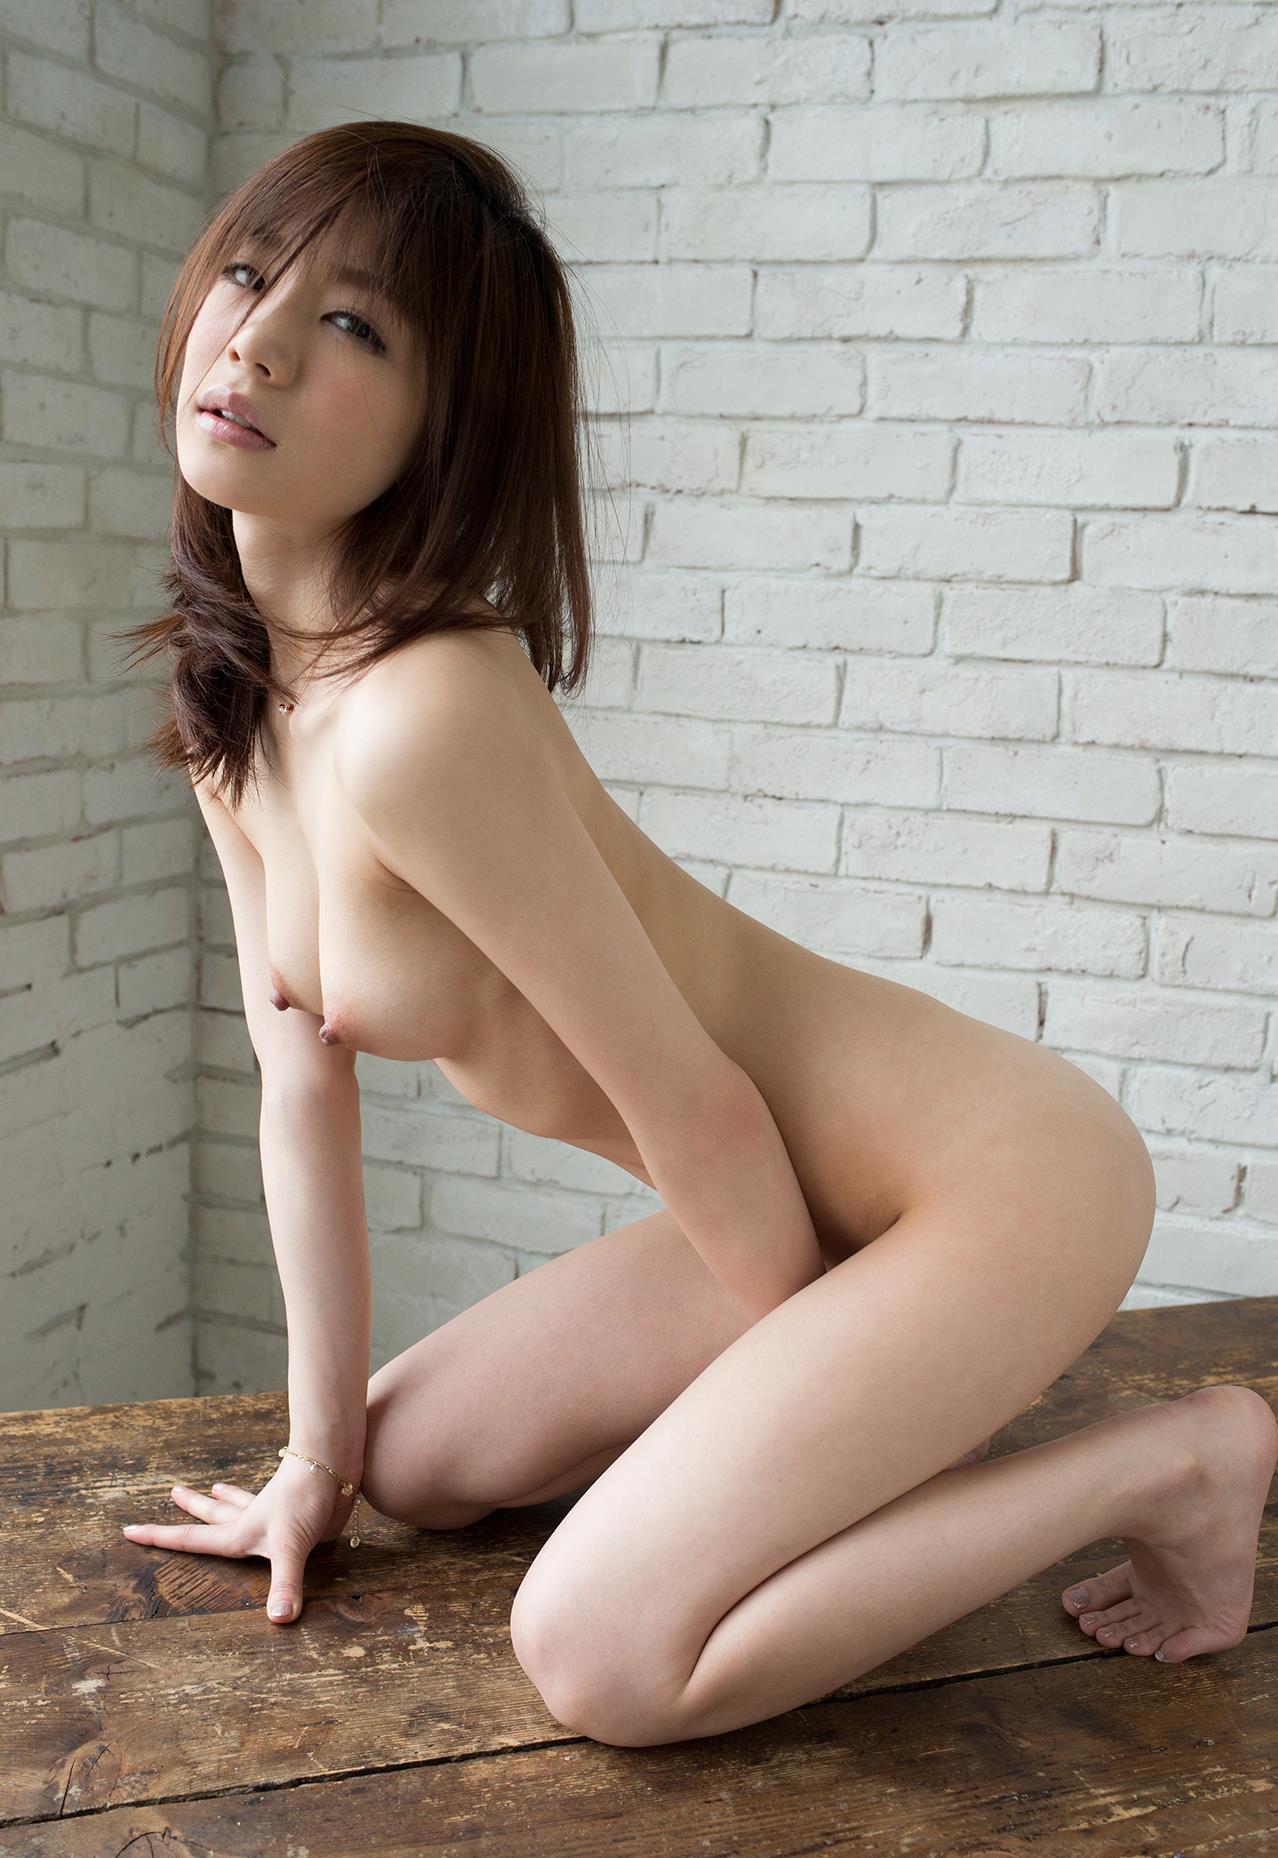 【おっぱい】スレンダー美女のスタイルと同時に楽しむおっぱい【39枚】 39